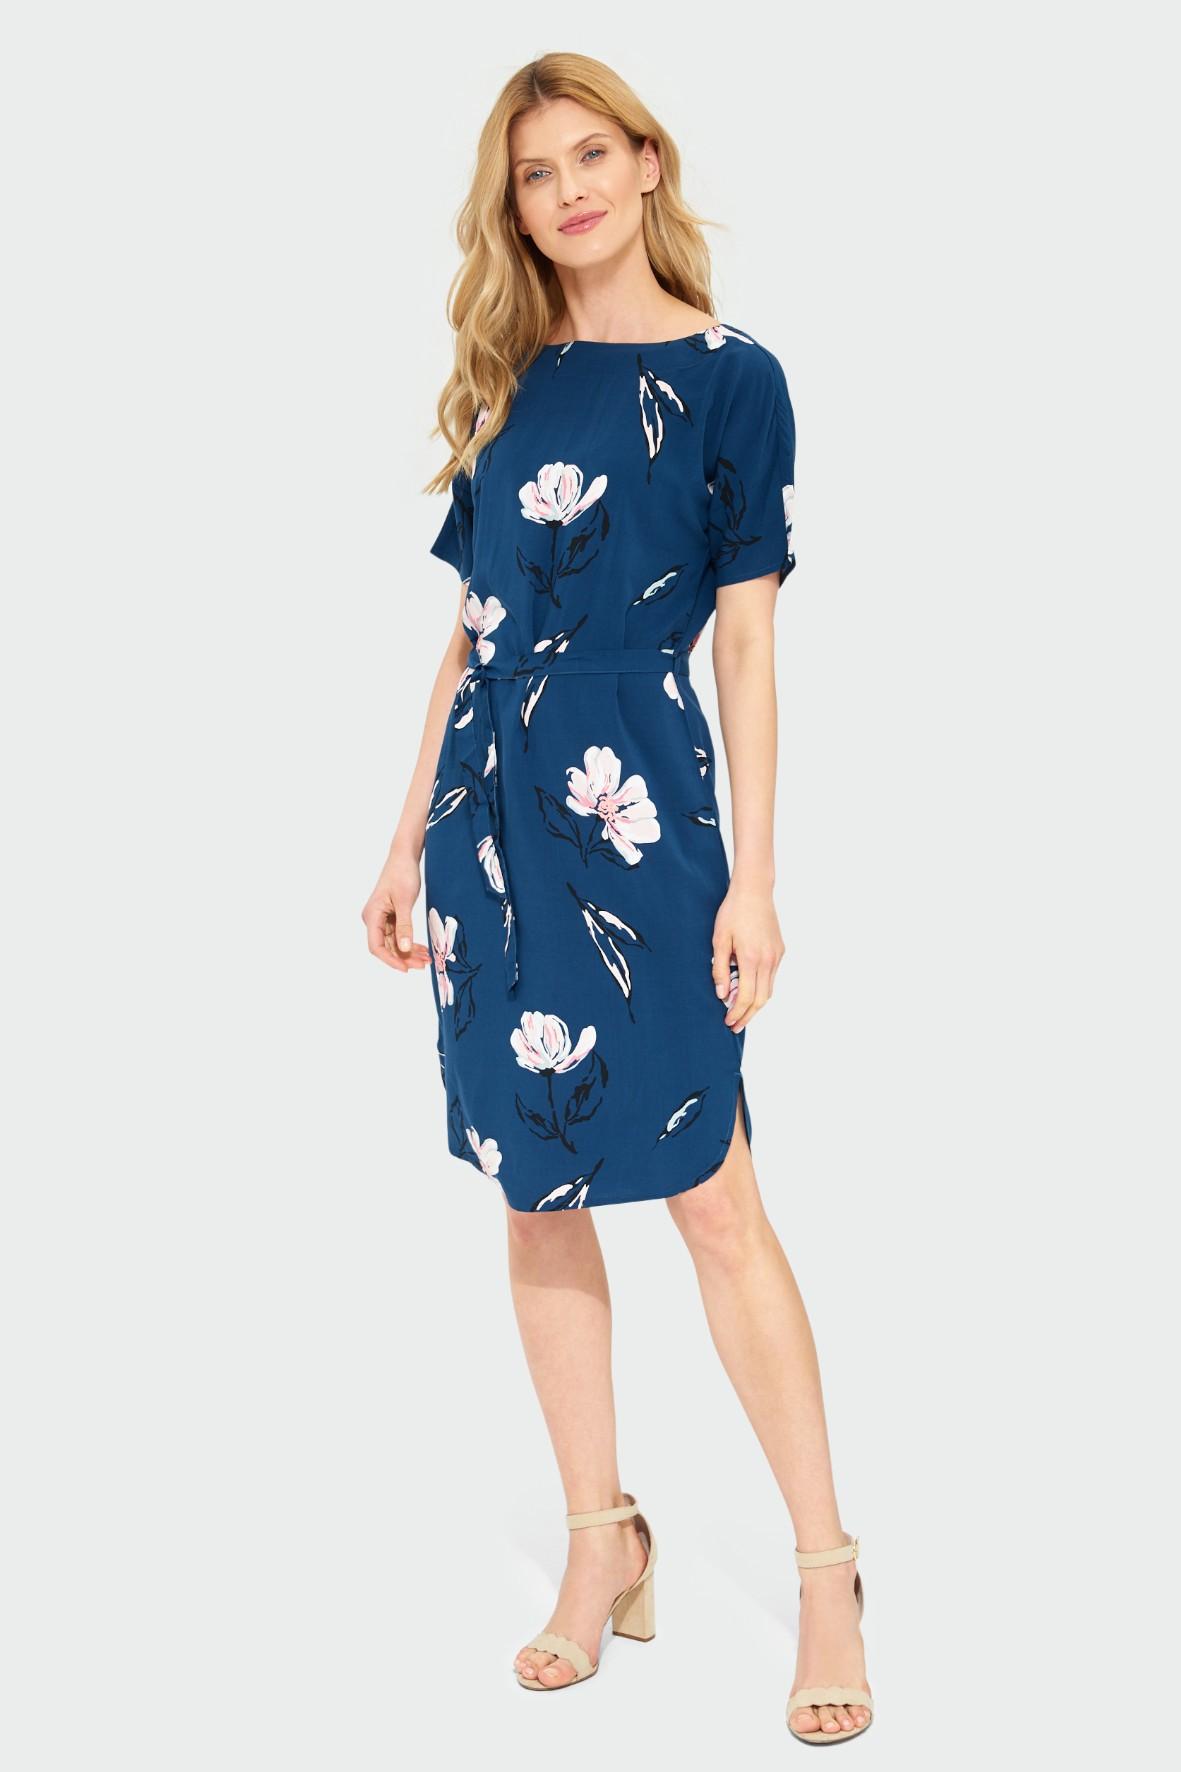 Granatowa wiskozowa sukienka z kwiatowym nadrukiem o luźnym kroju